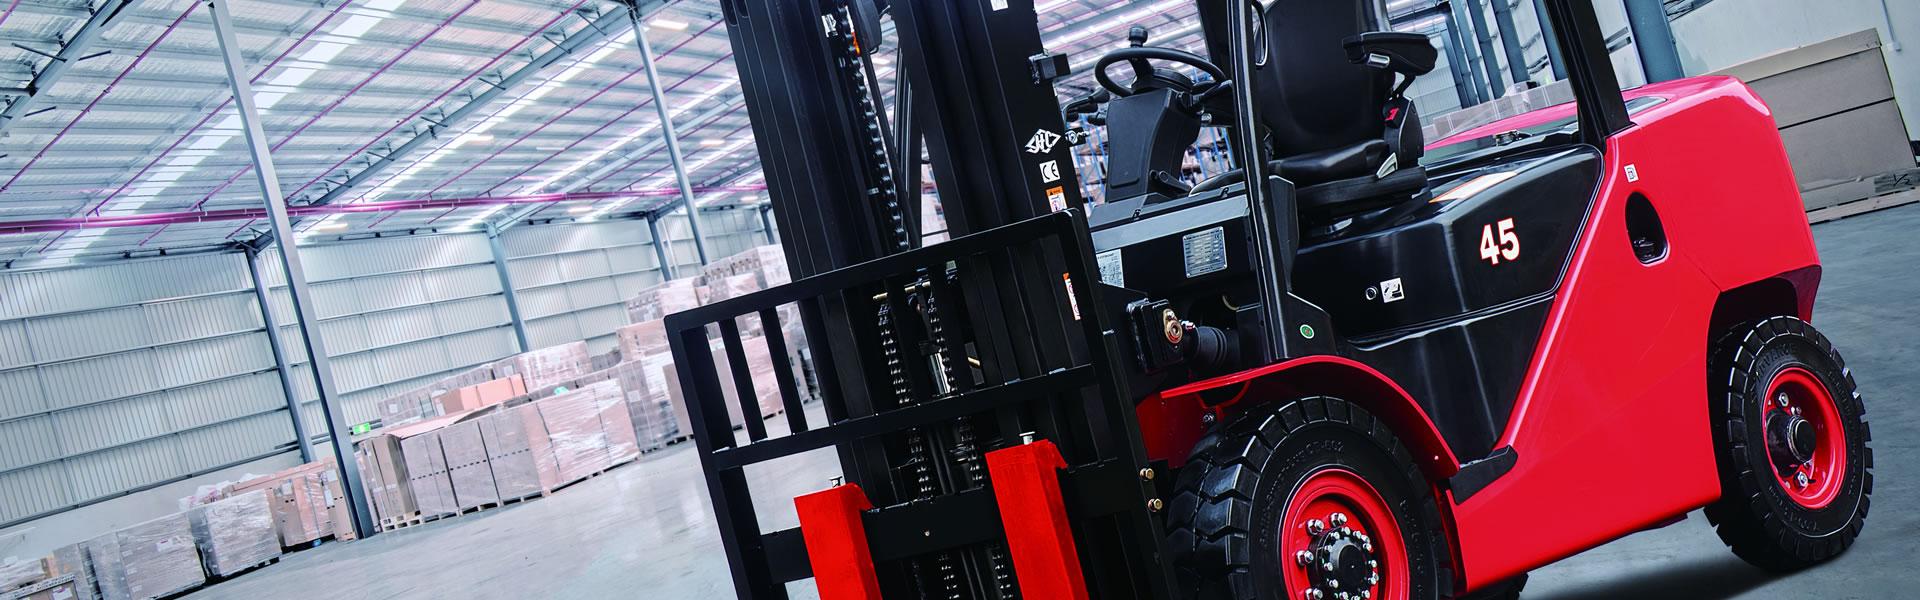 HC Forklifts Range